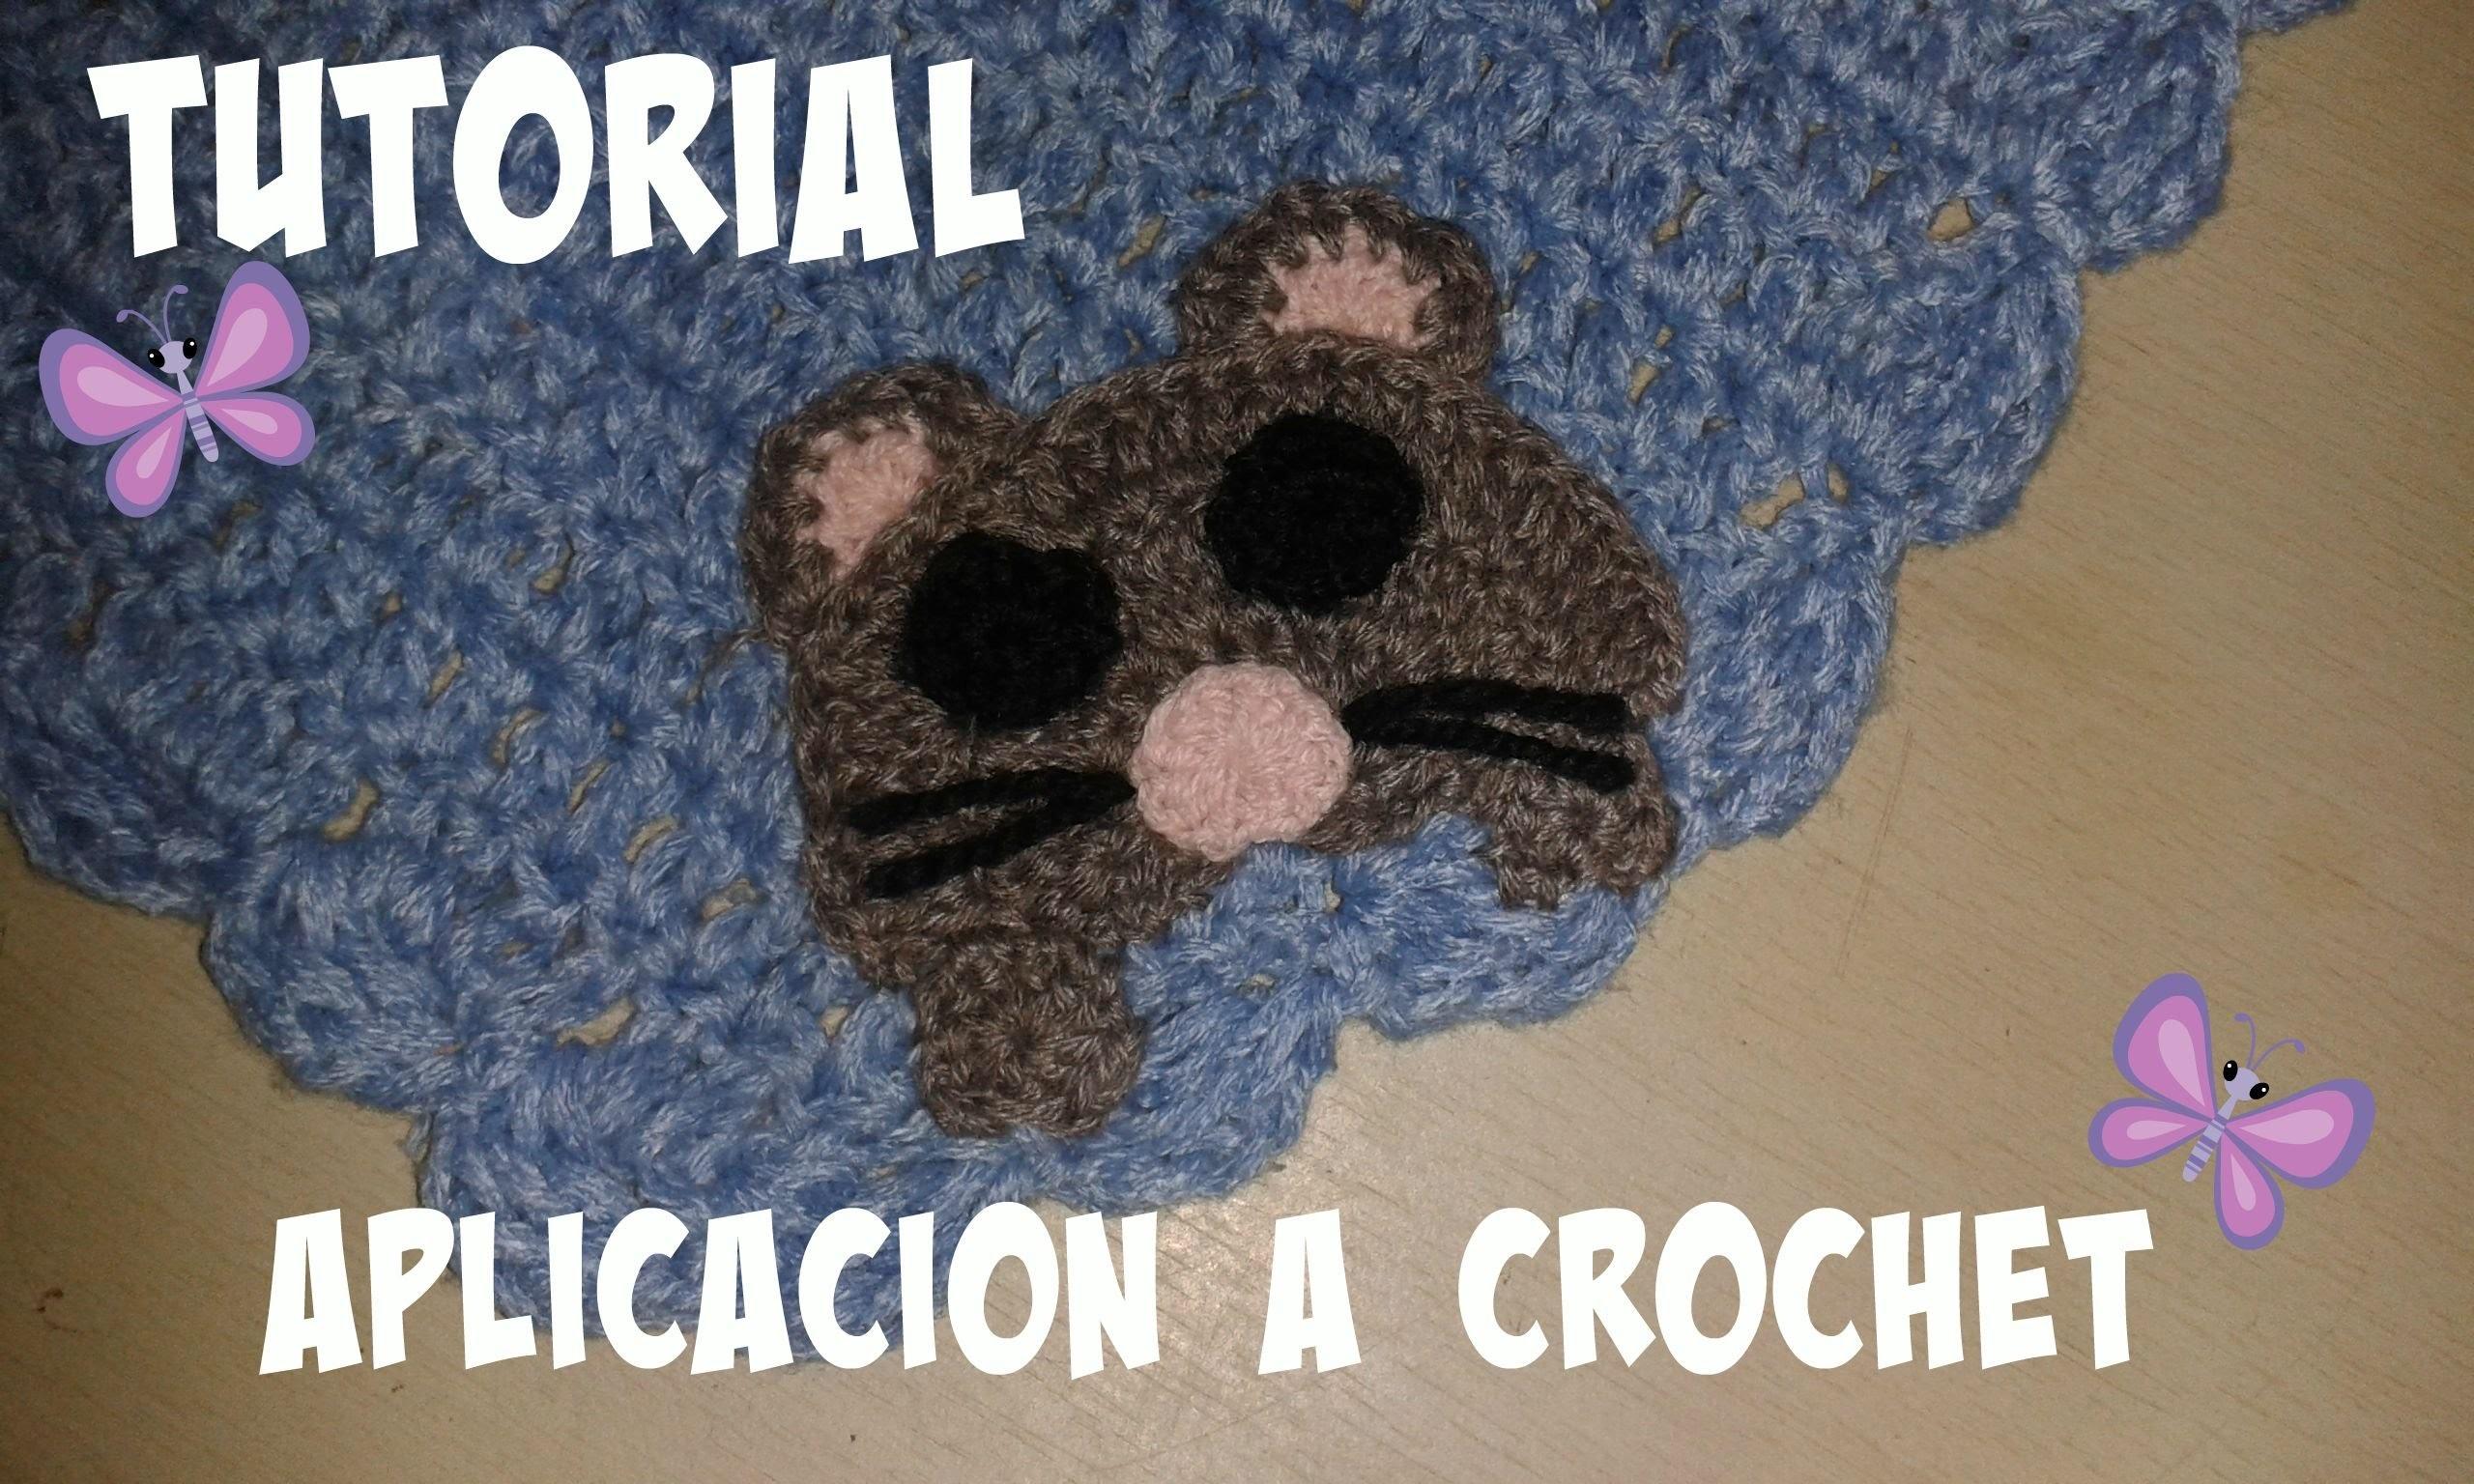 TUTORIAL RATON PARA APLICACIÓN A CROCHET